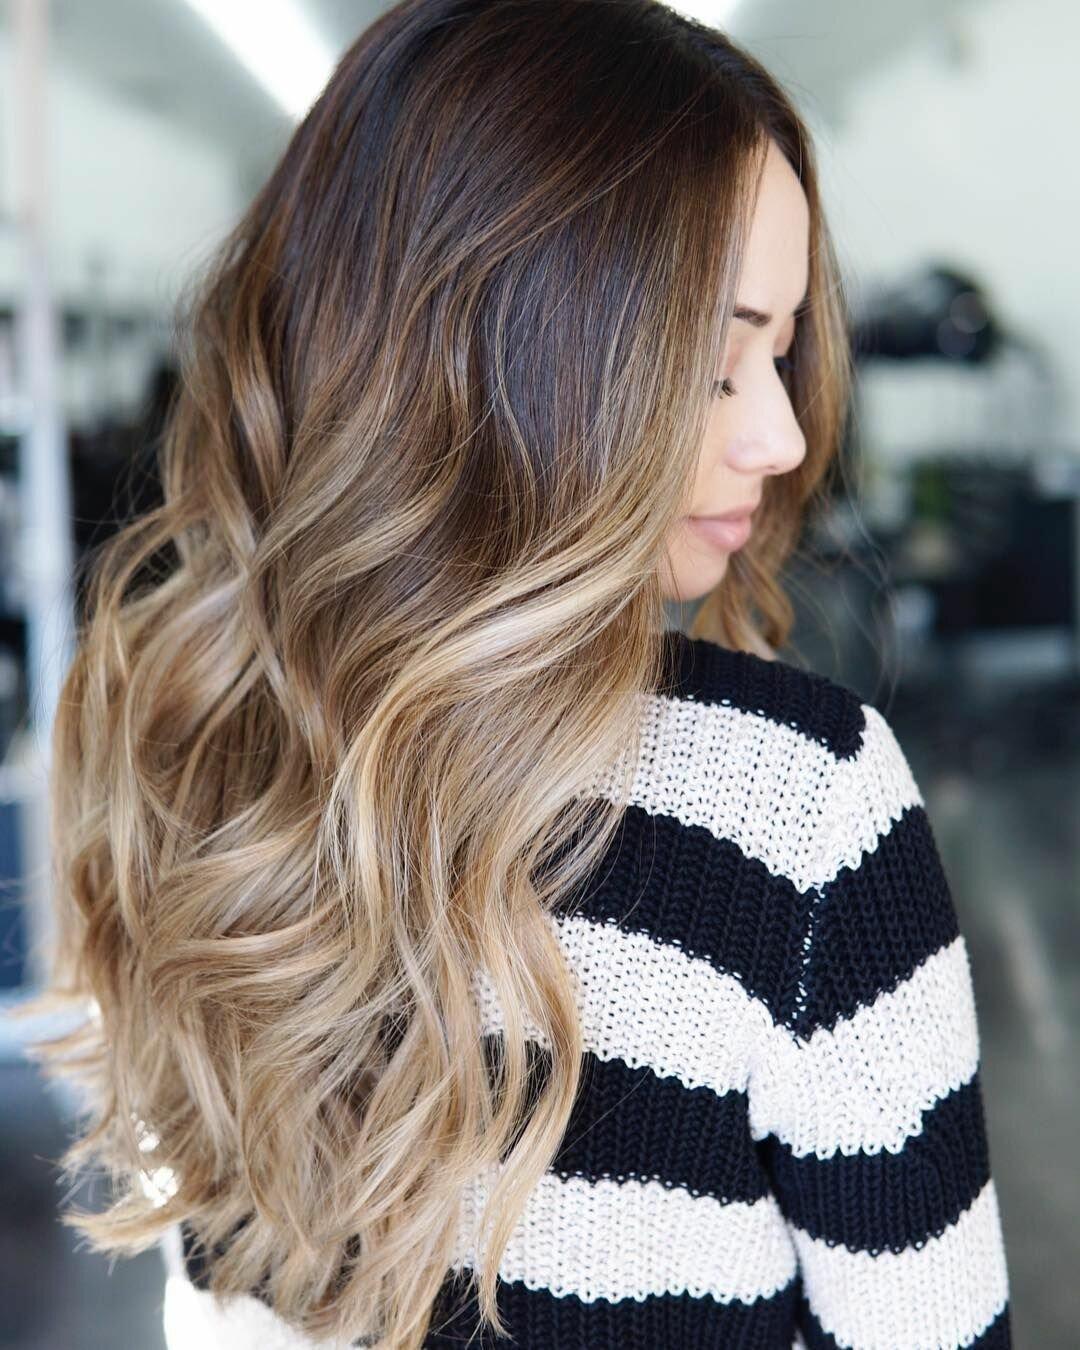 Смотреть окрашивания волос картинки